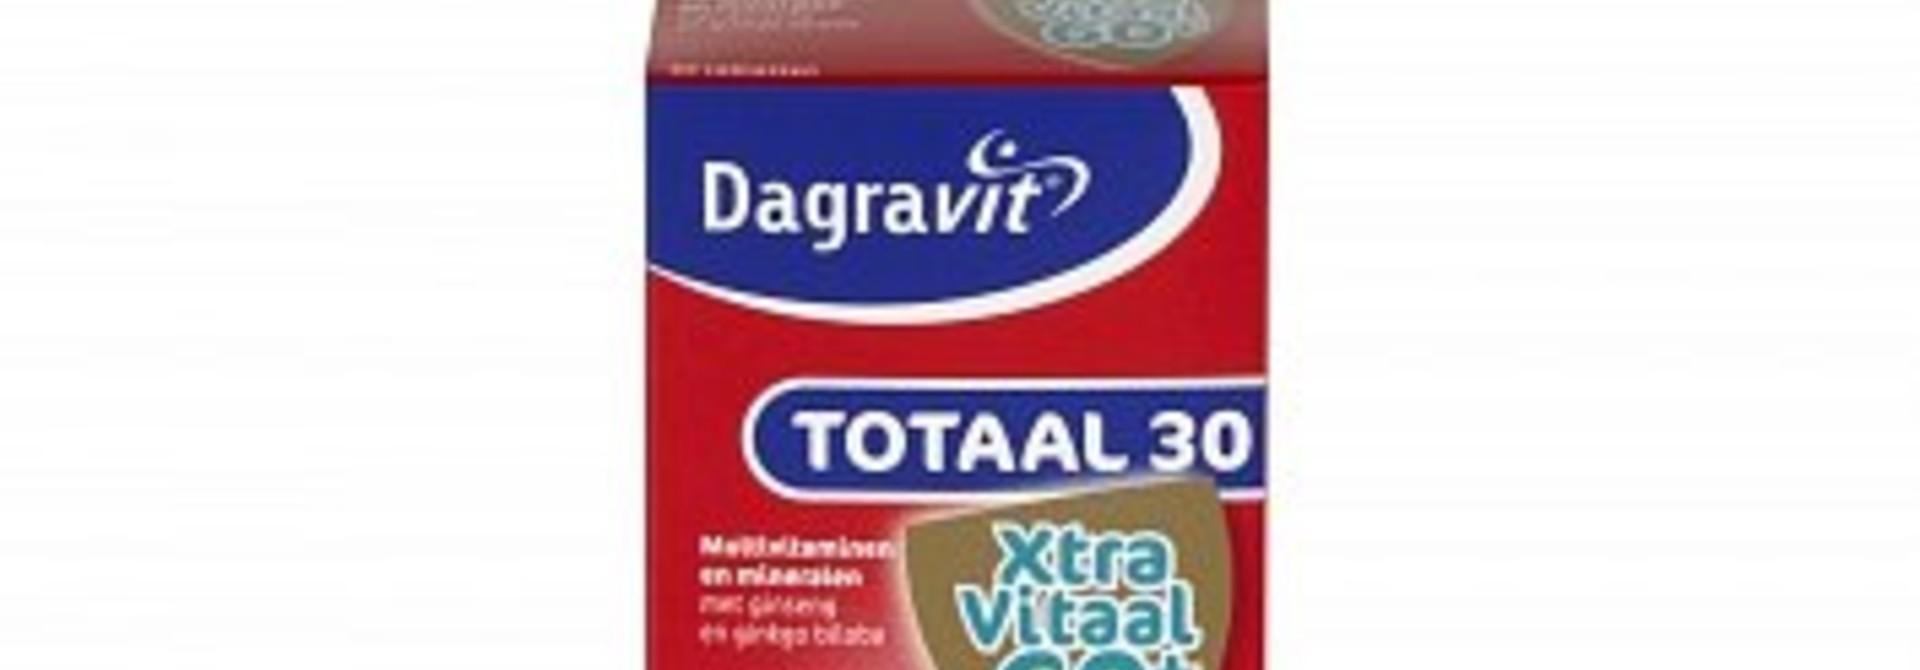 Dagravit Totaal 30 Vitaal 60+ 60 stuks